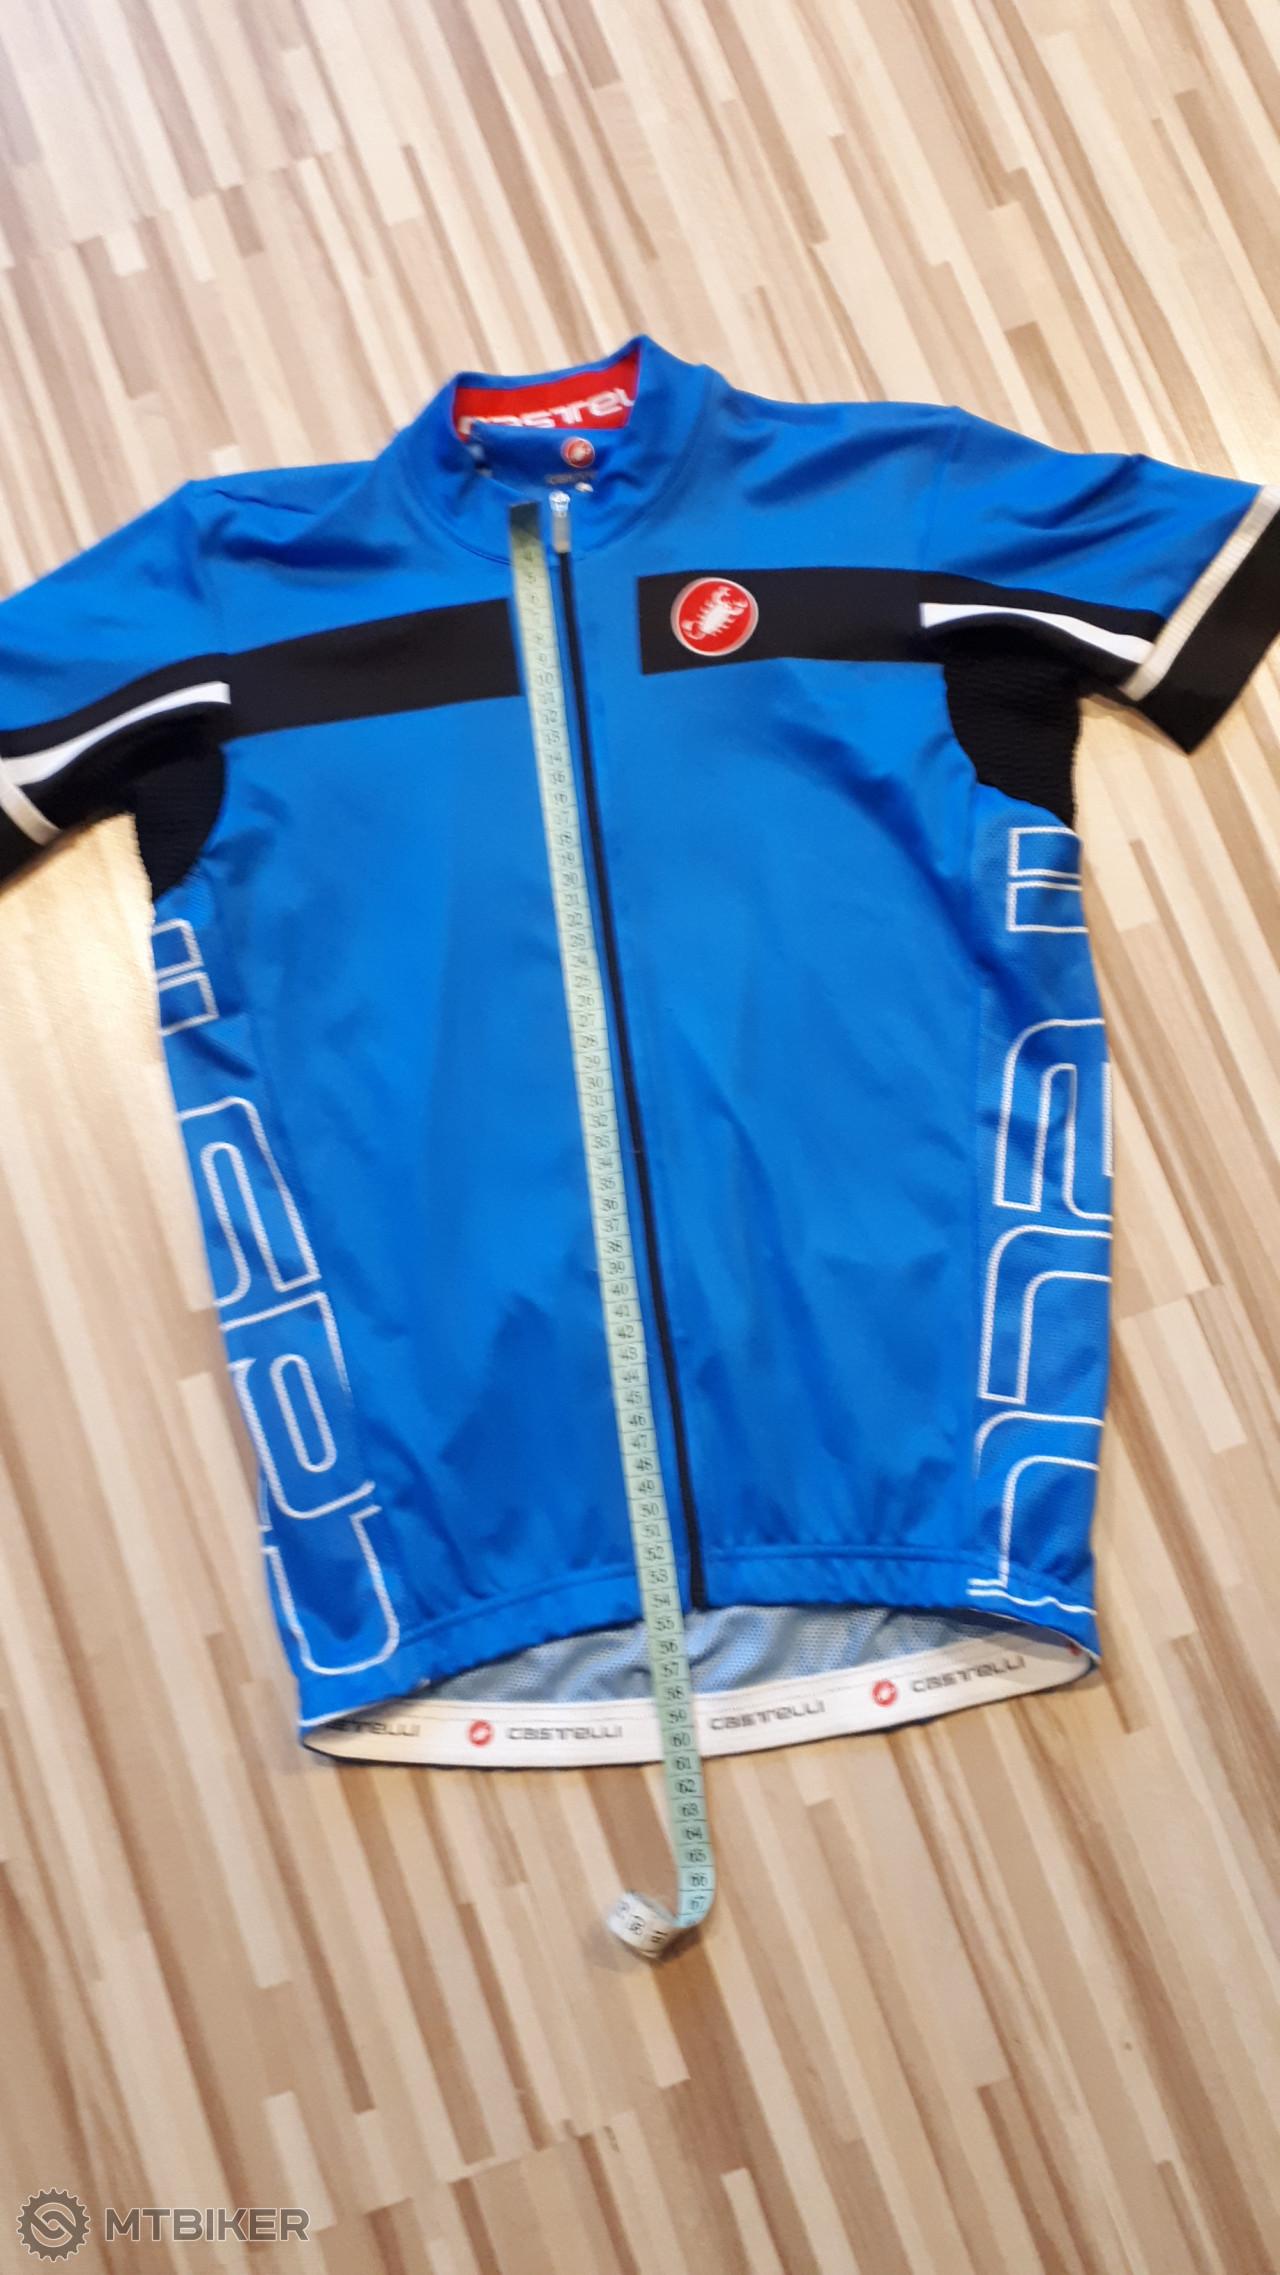 189a8f09dc487 Cyklo Dres Castelli Nepouzity - Príslušenstvo - Oblečenie a batohy - Bazár  MTBIKER